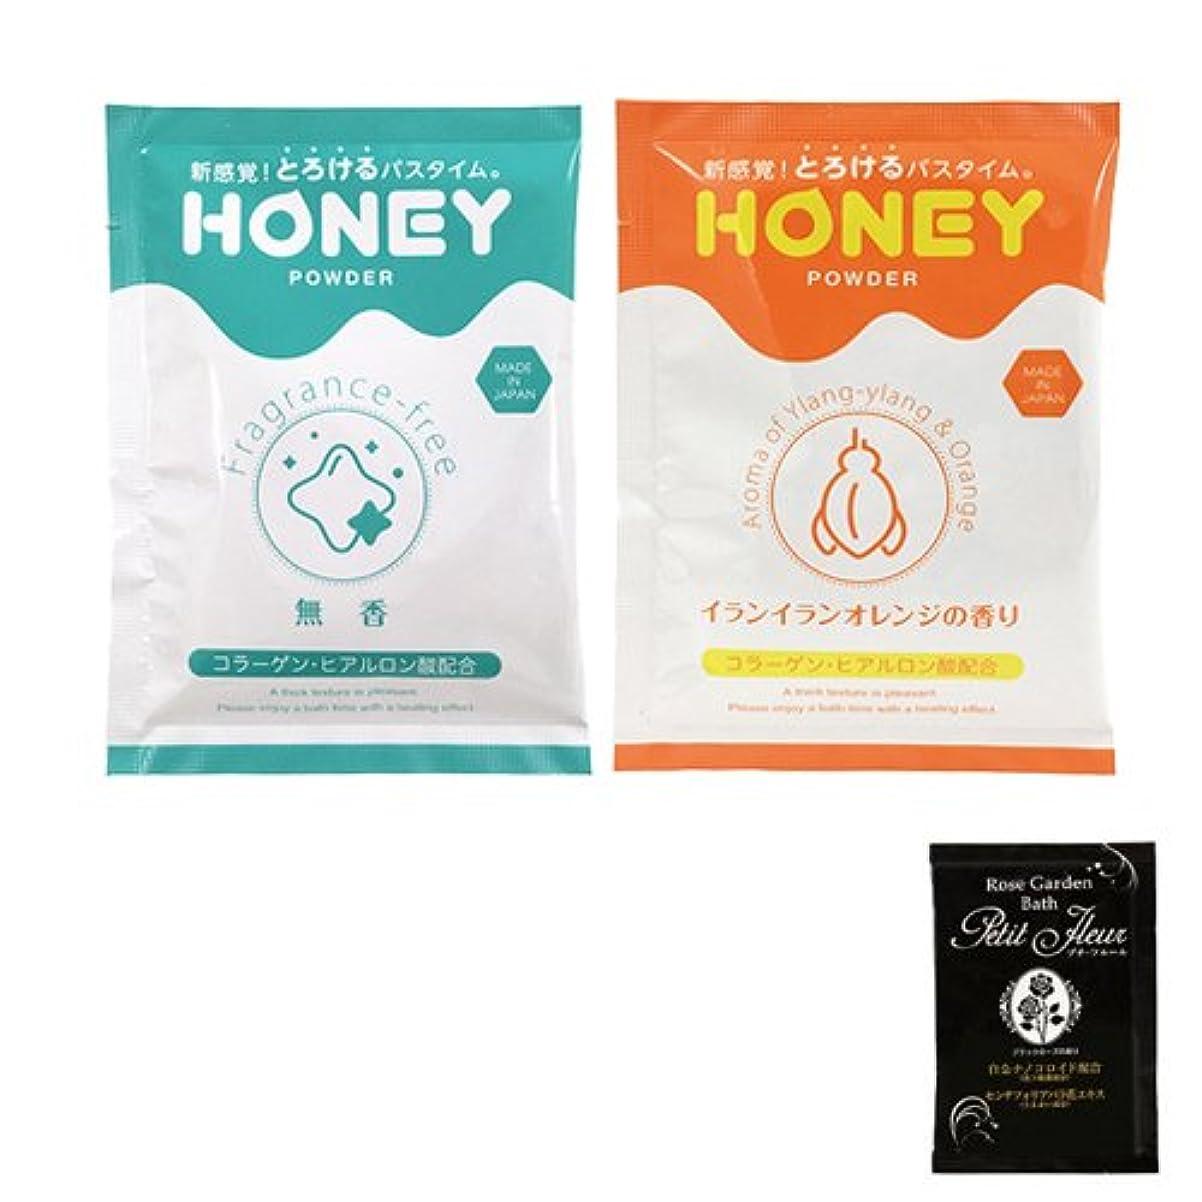 考慮強制スポーツをするとろとろ入浴剤【honey powder】粉末タイプ イランイランオレンジの香り + 無香 + 入浴剤(プチフルール)1回分